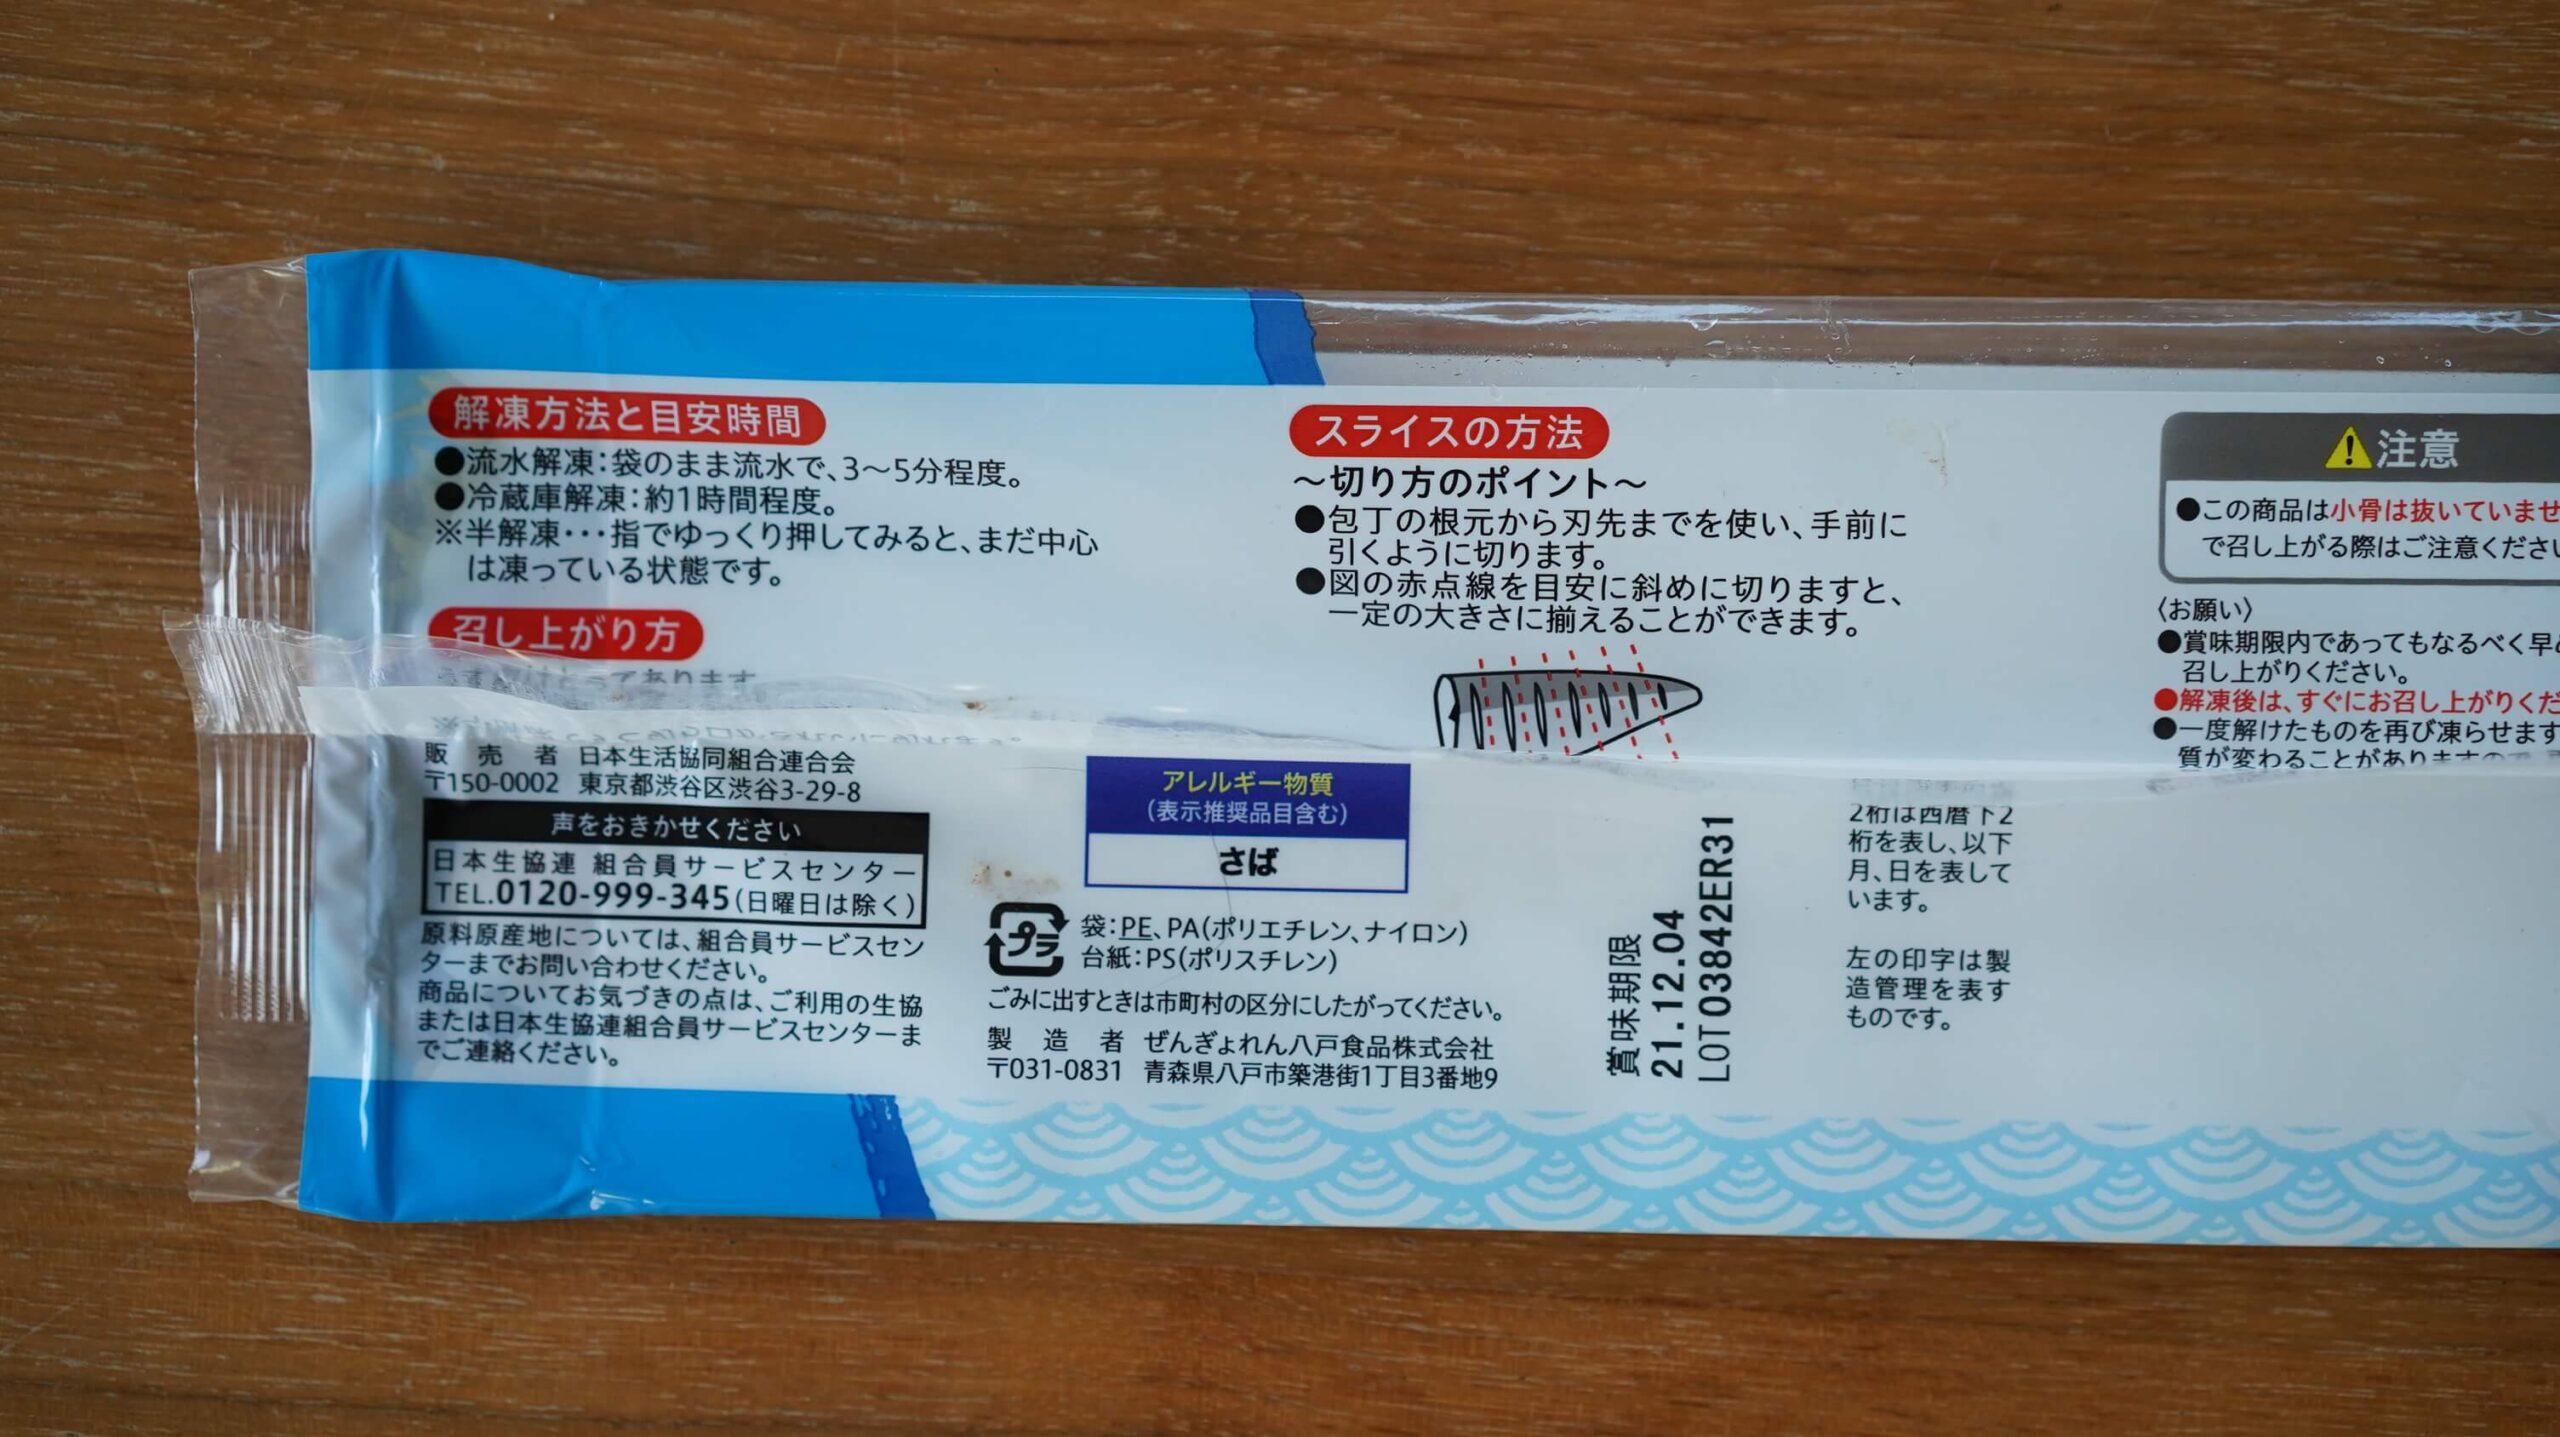 生協(コープ)の冷凍食品「国産素材・しめさば」のパッケージ裏面の写真